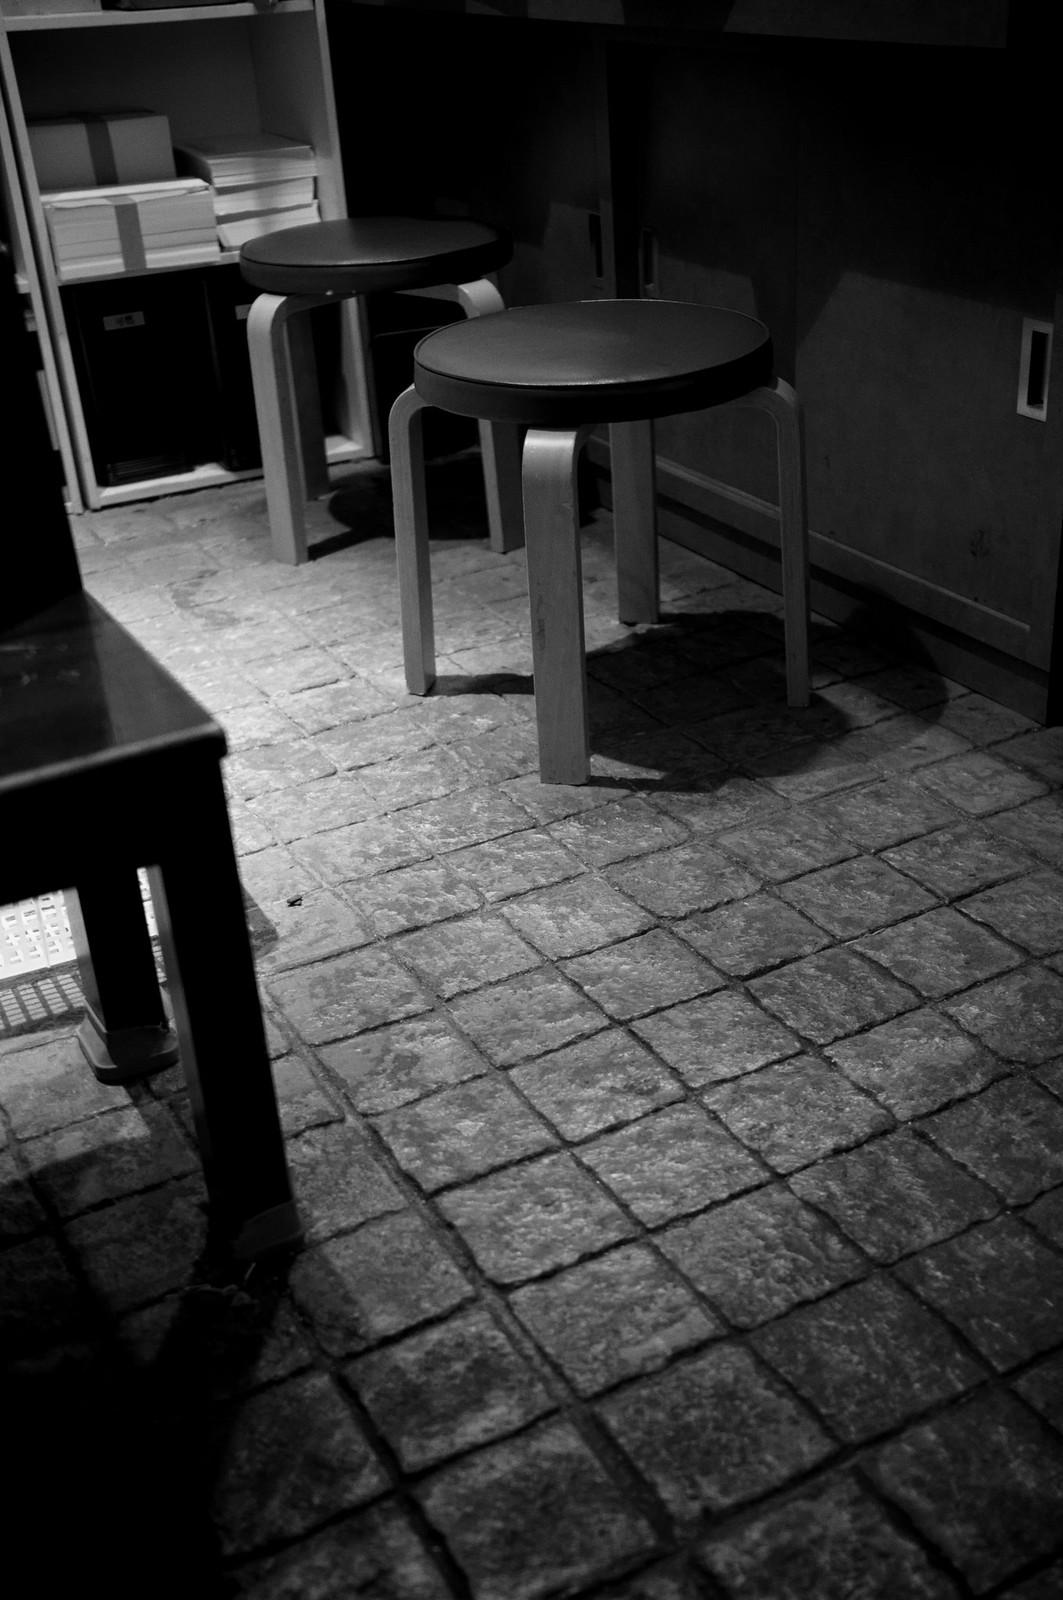 椅子のある光景